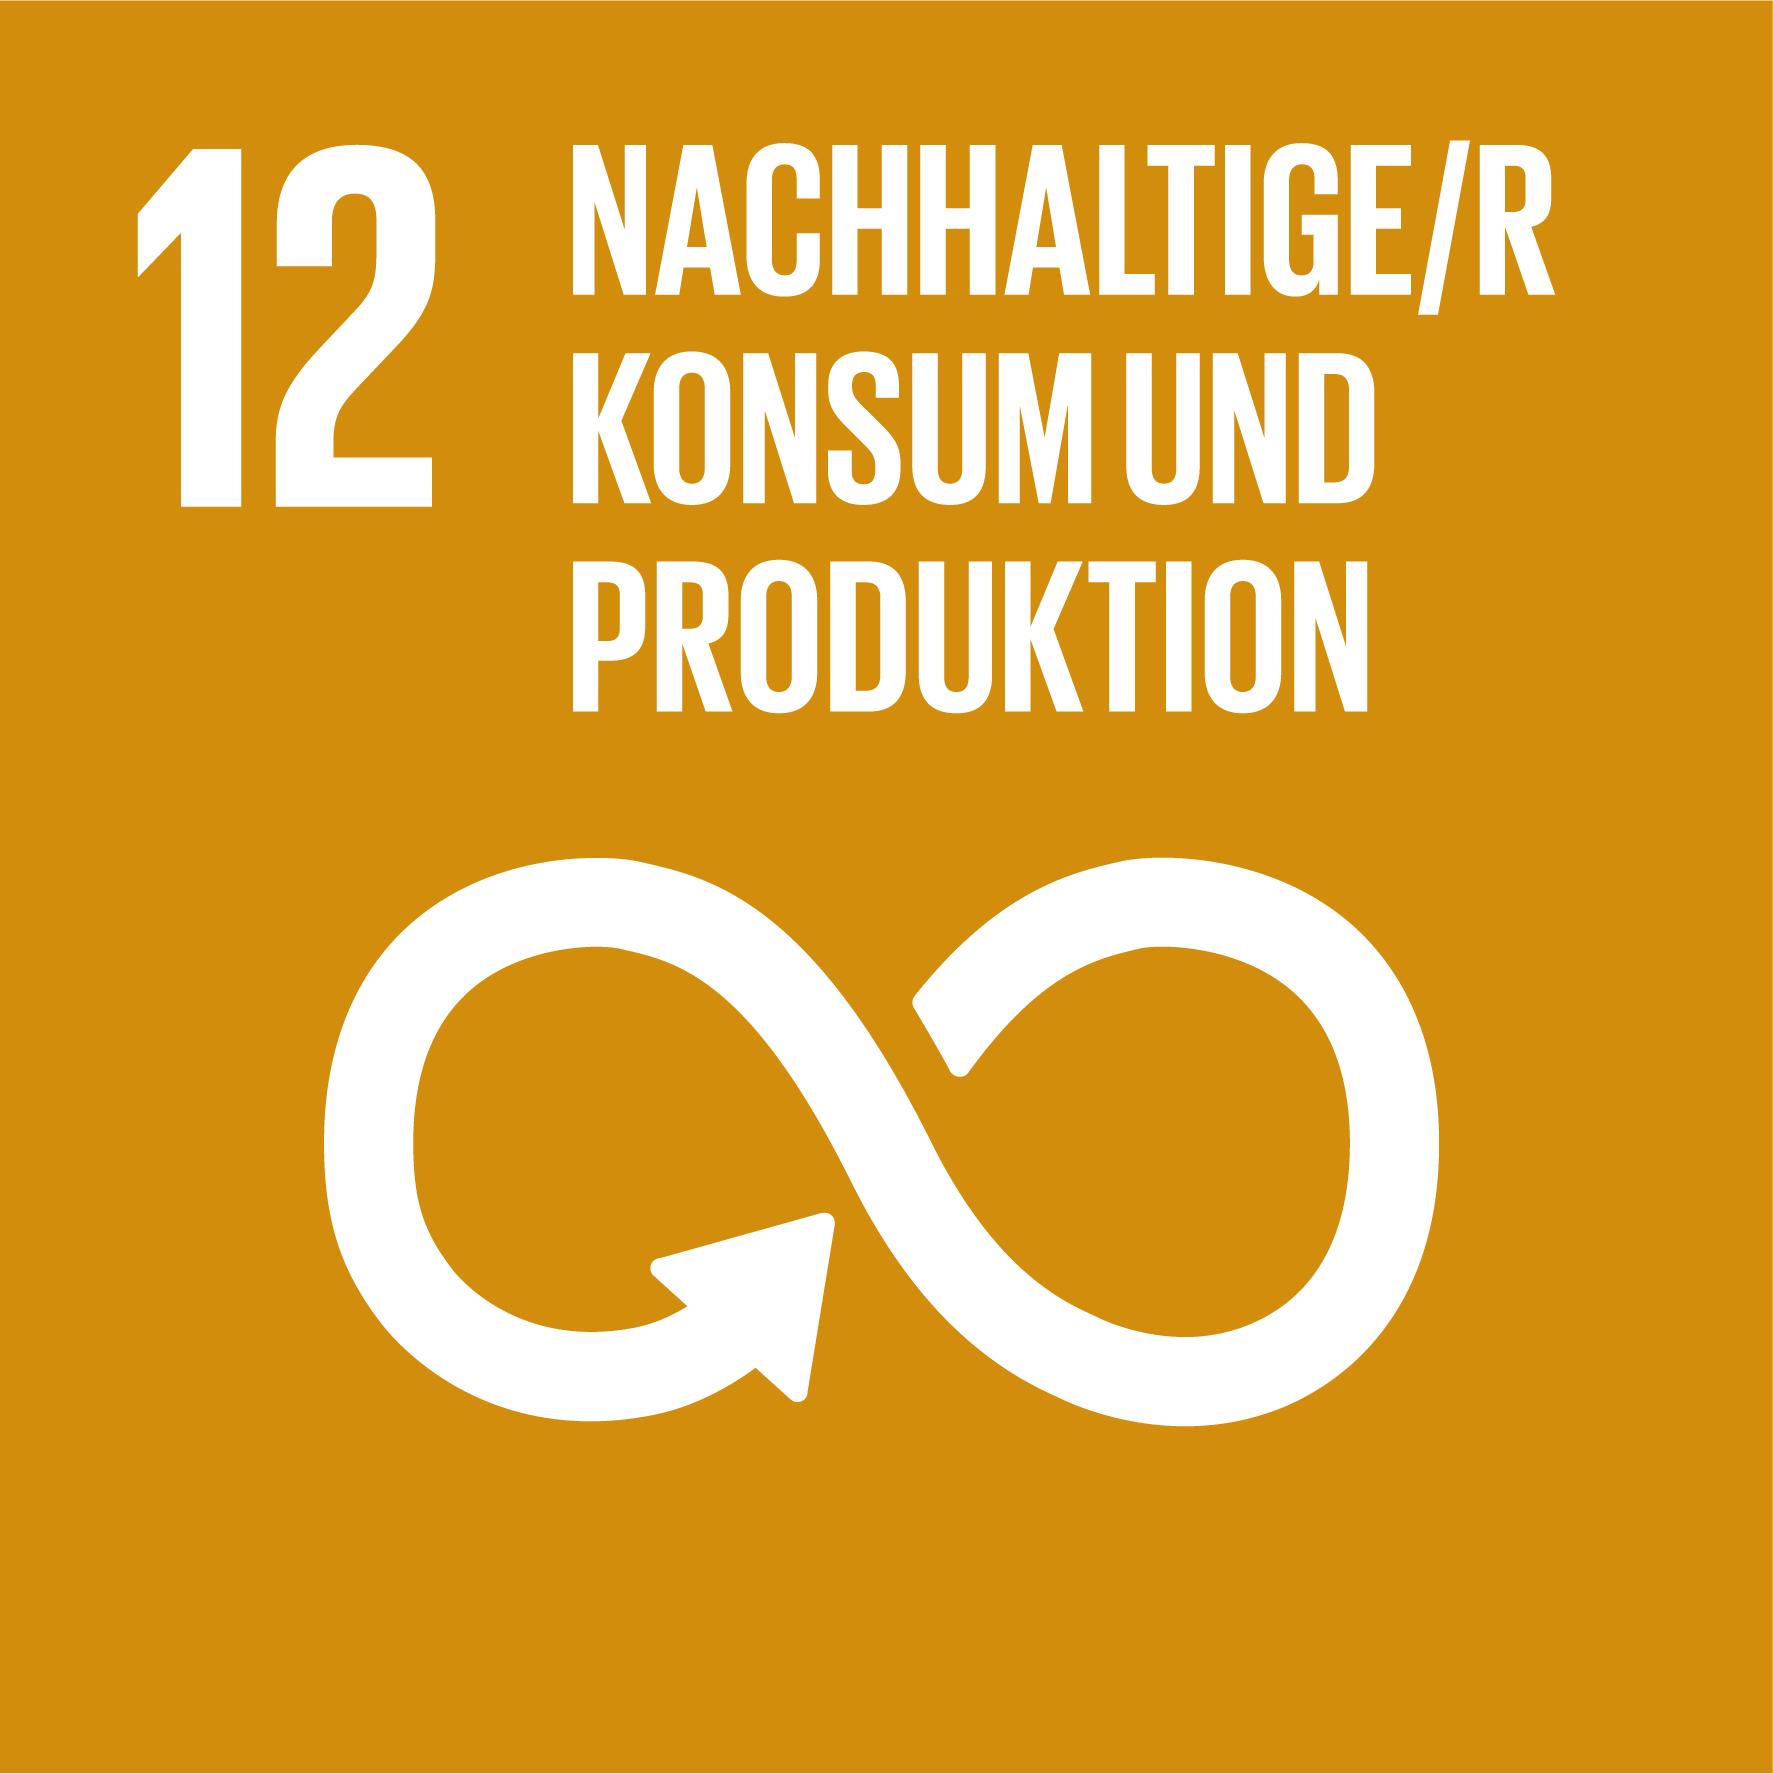 12 Nachhaltige/r Konsum und Produktion